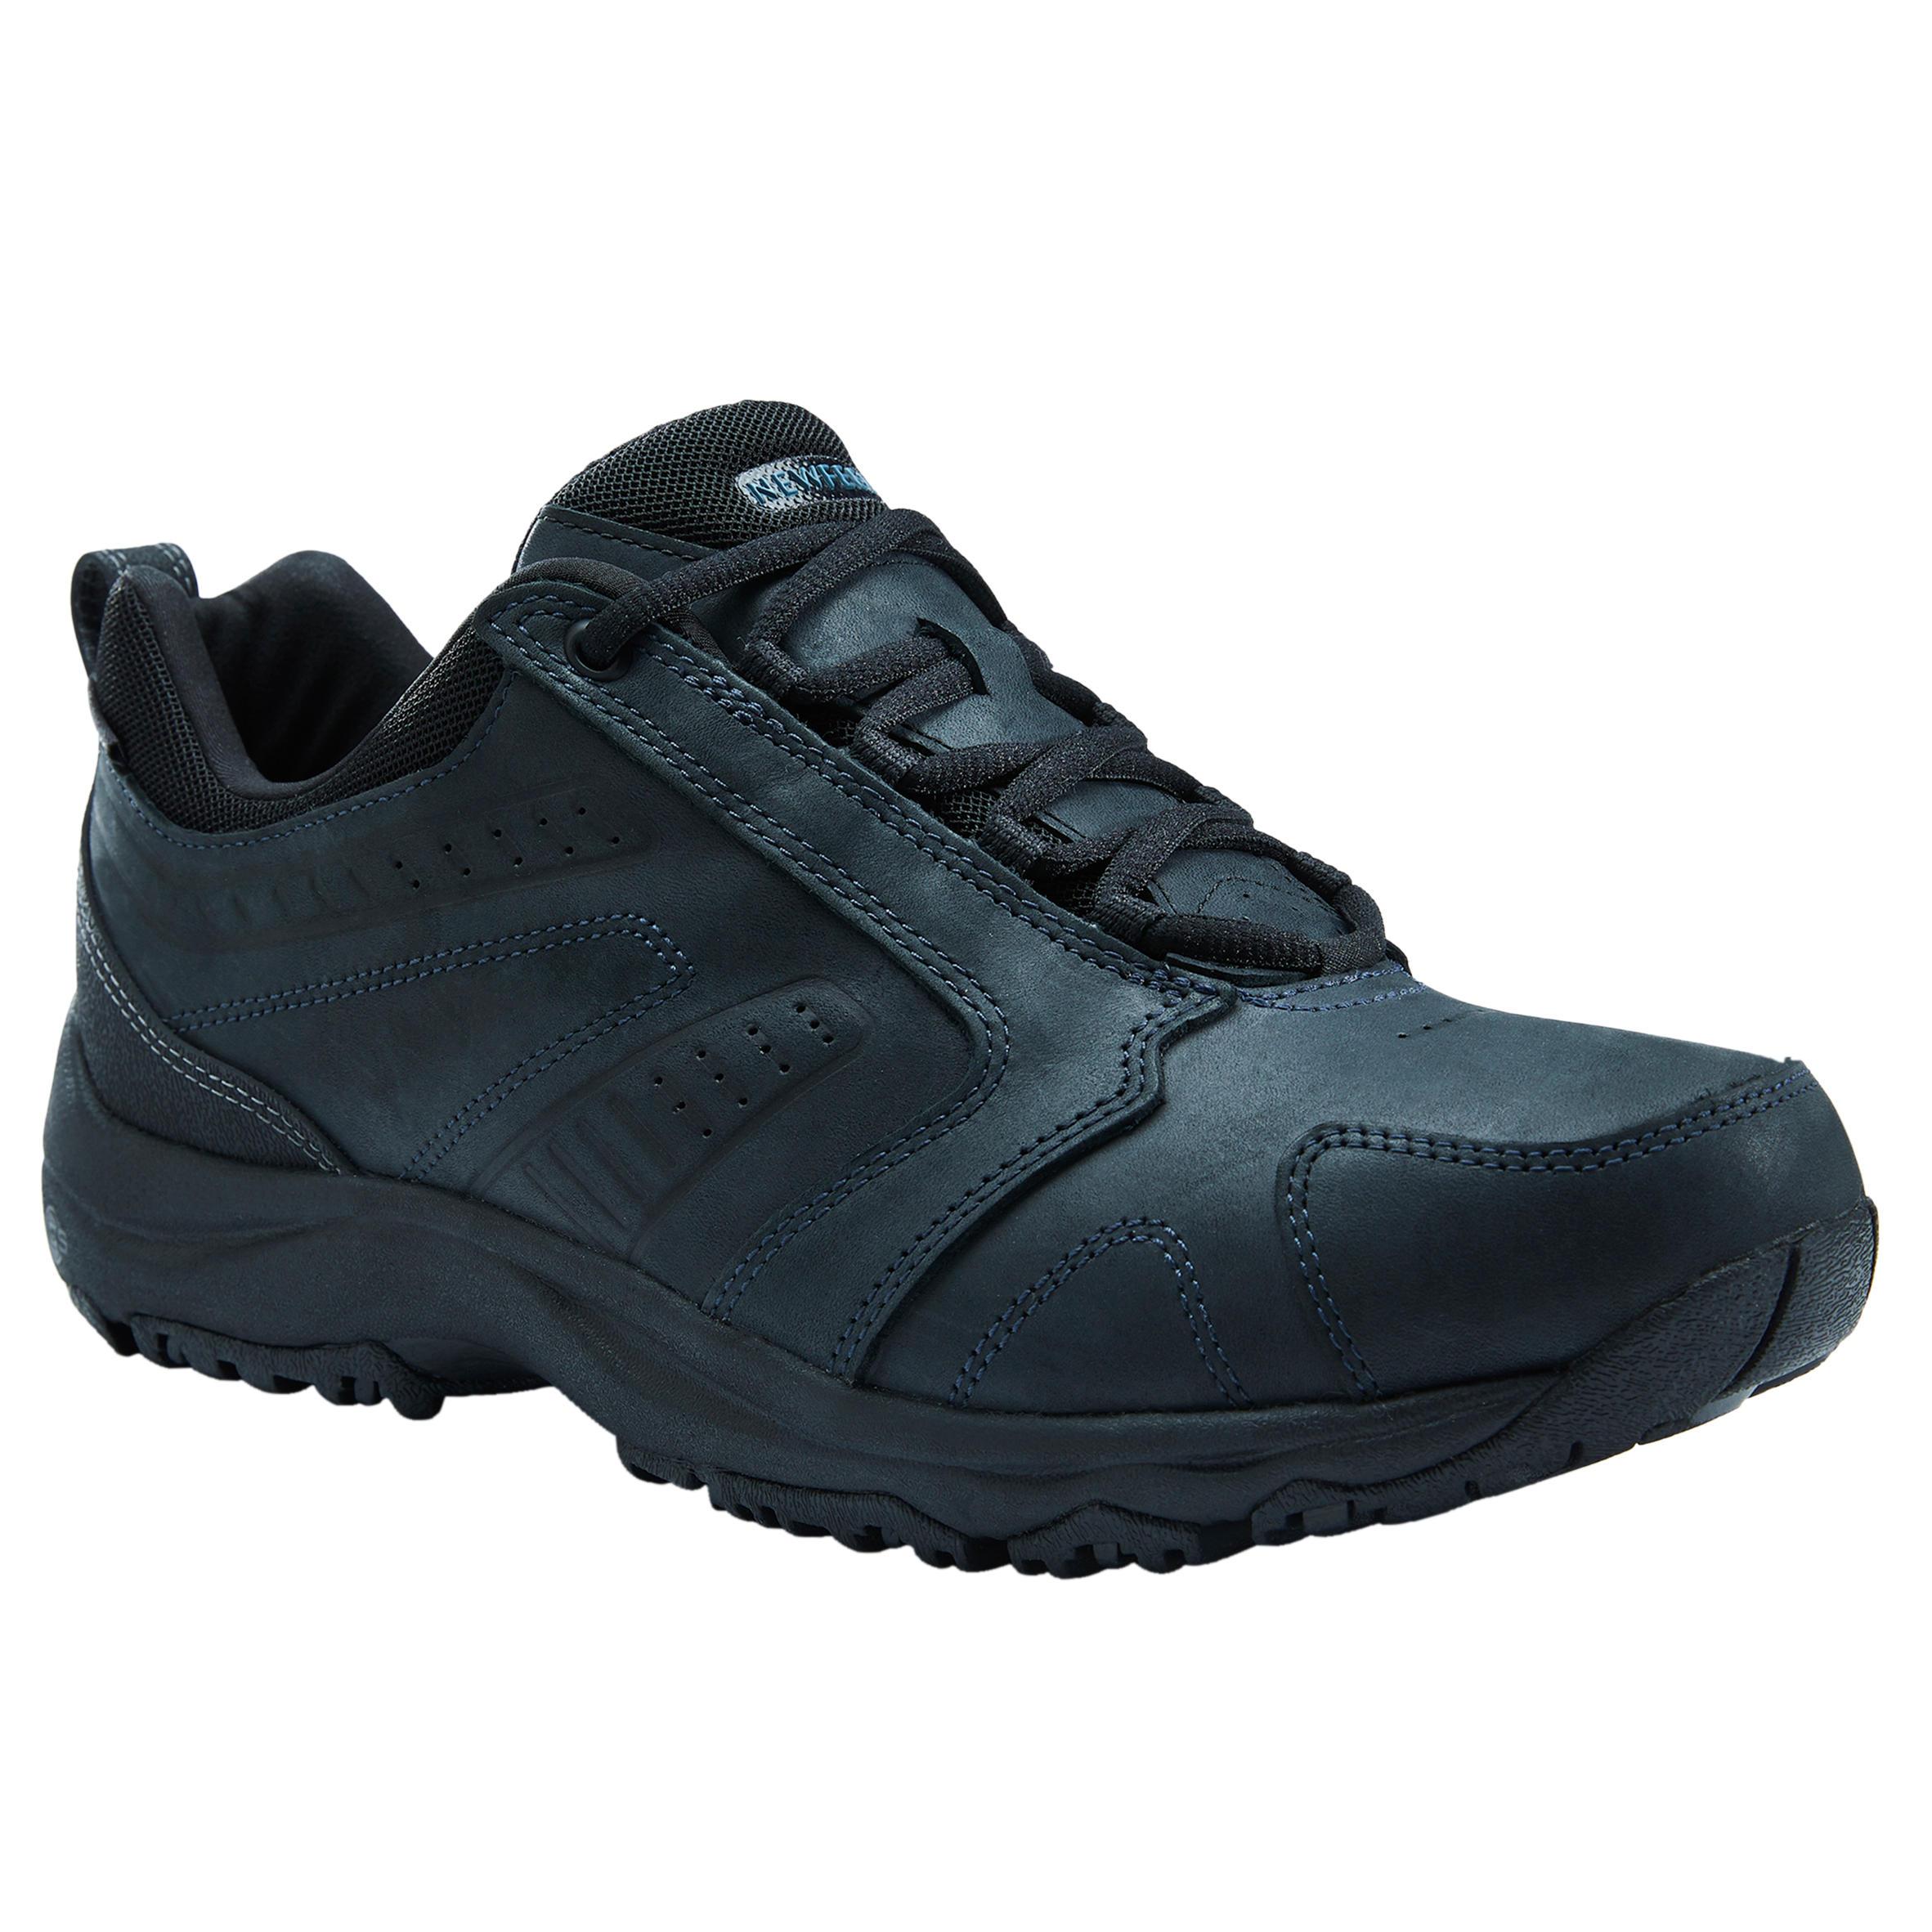 NEWFEEL Chaussures marche sportive homme Nakuru Waterproof imperméable cuir noir - NEWFEEL - 47